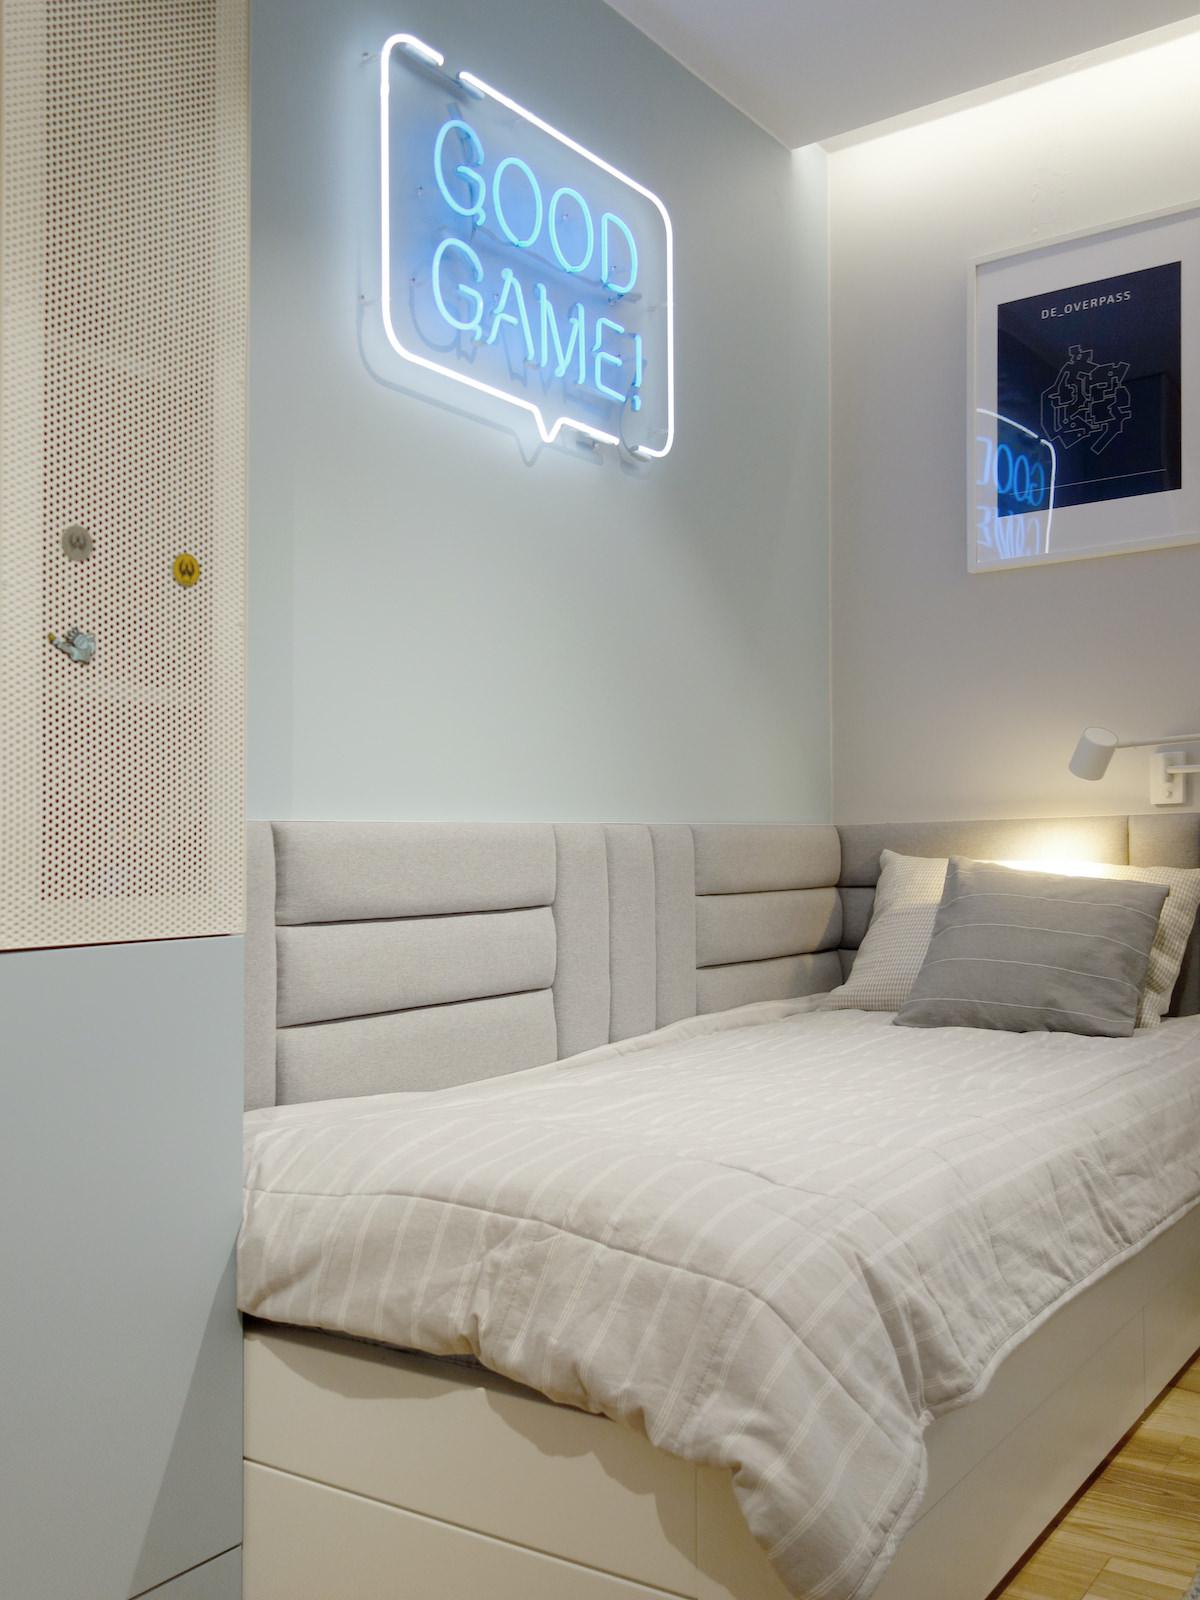 8 projektowanie wnetrz R034 dom katowice pokoj chlopca lozko z zaglowkiem good game neon